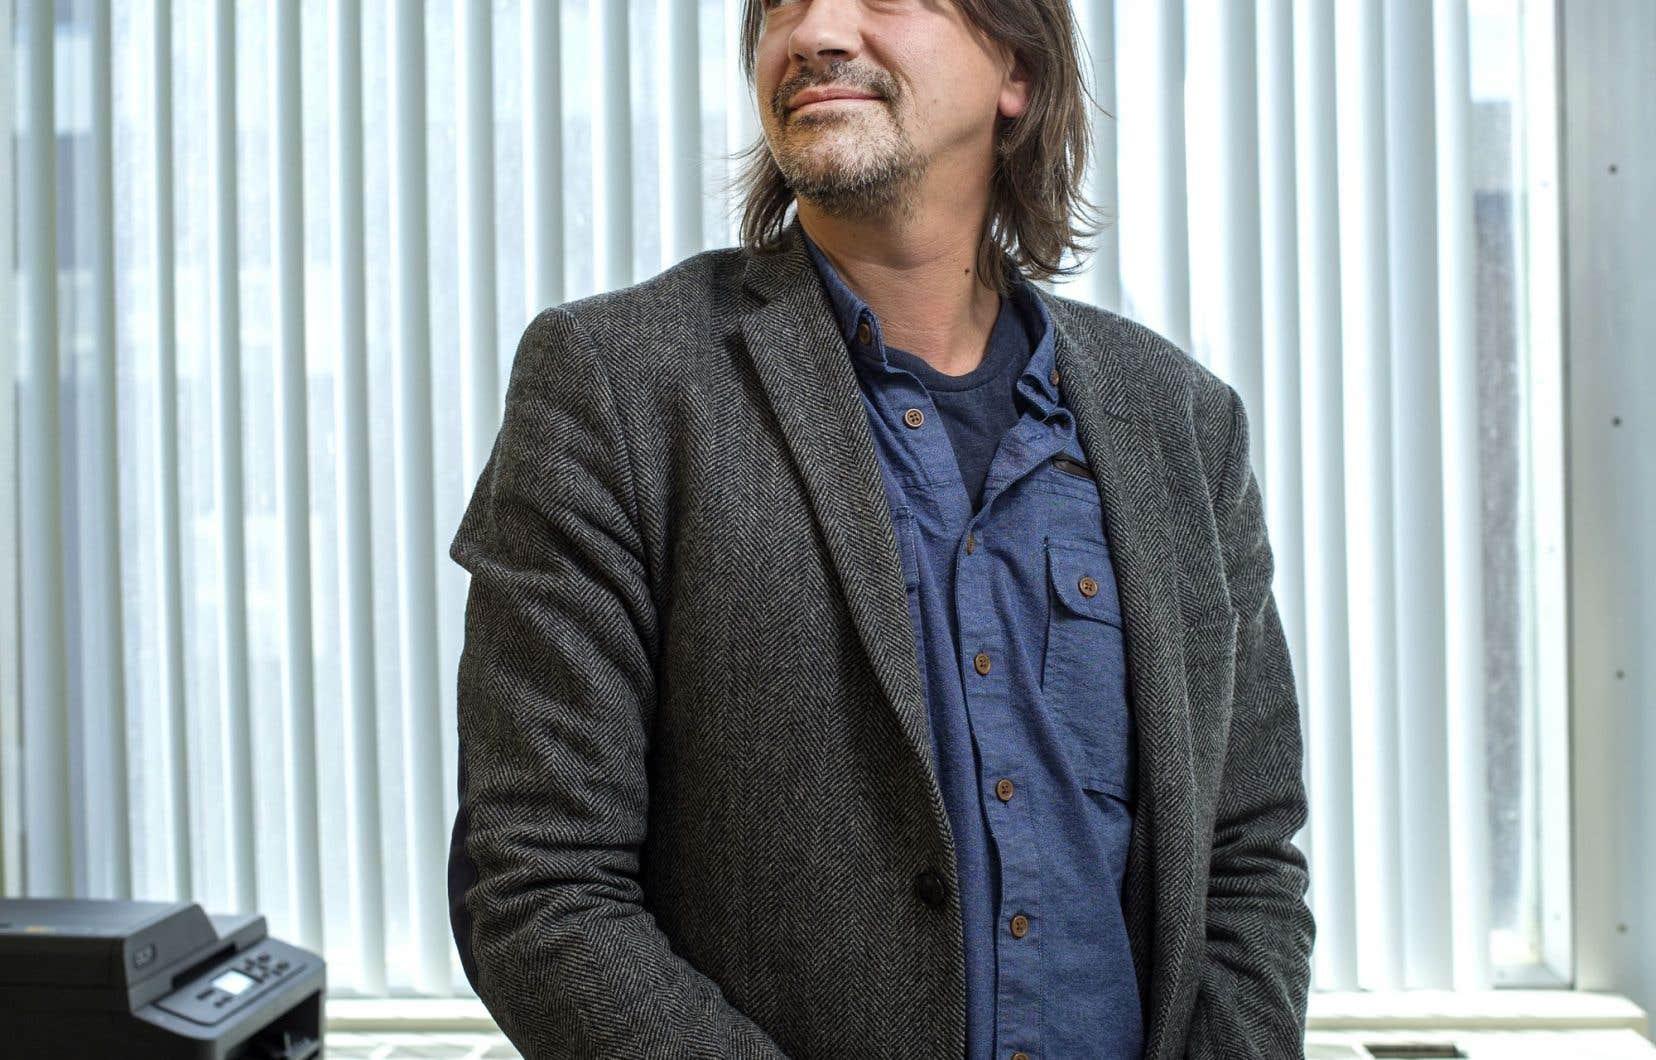 Pour Maxime Ouellet, professeur à l'École des médias de l'UQAM, «le capitalisme cybernétique» risque de déshumaniser la vie sociale de façon «tyrannique».